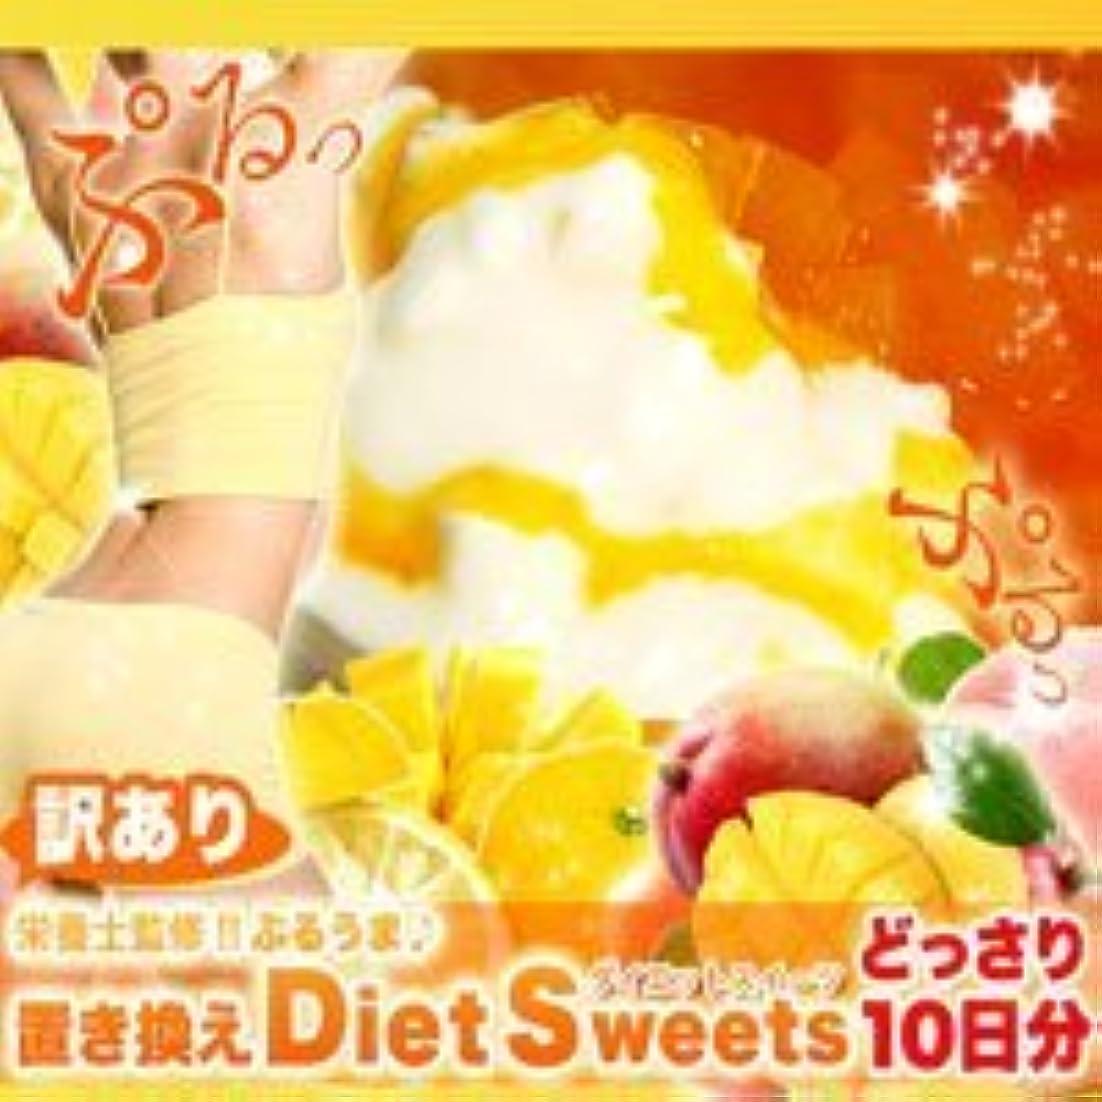 せせらぎカテゴリー生置き換えダイエットスイーツ10日分 (1箱)